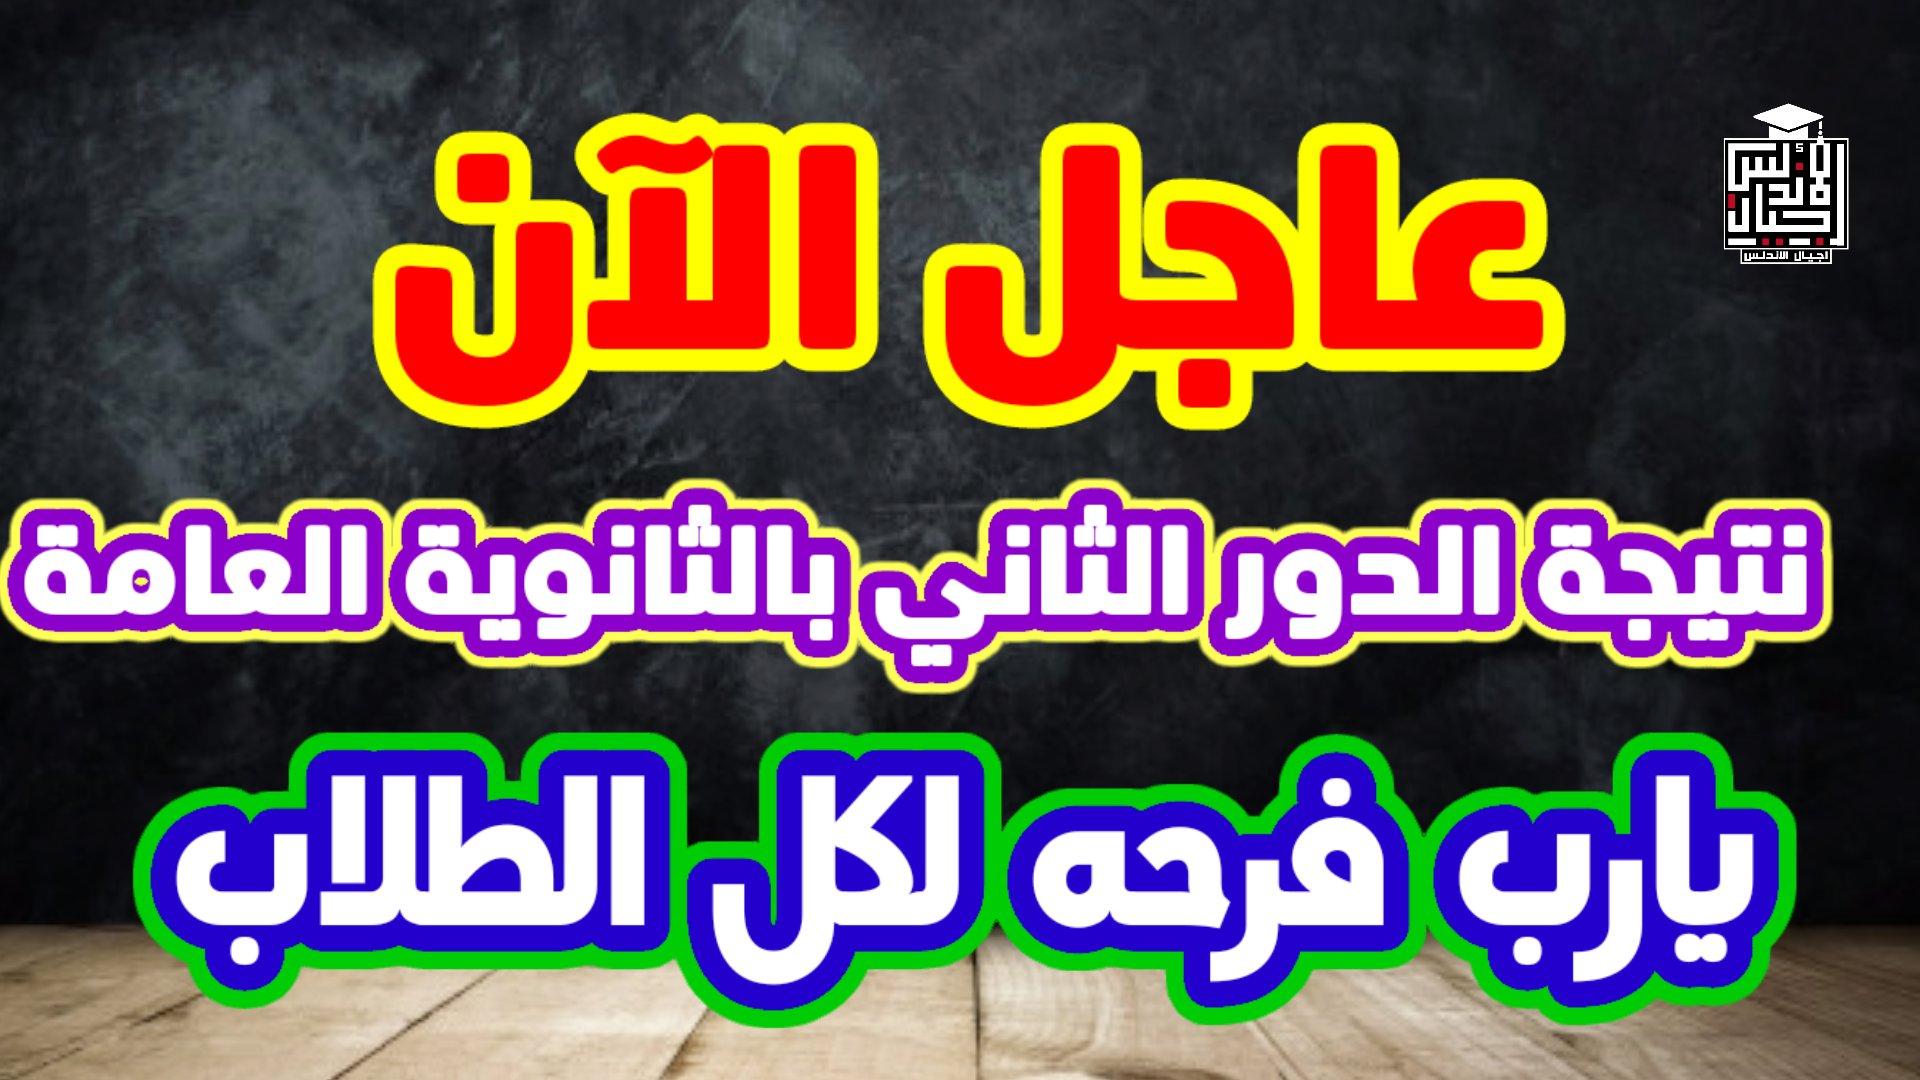 ظهور نتيجة الدور الثاني بالثانوية العامة يارب فرحه لكل طلاب الثانويه العامه - اجيال الاندلس